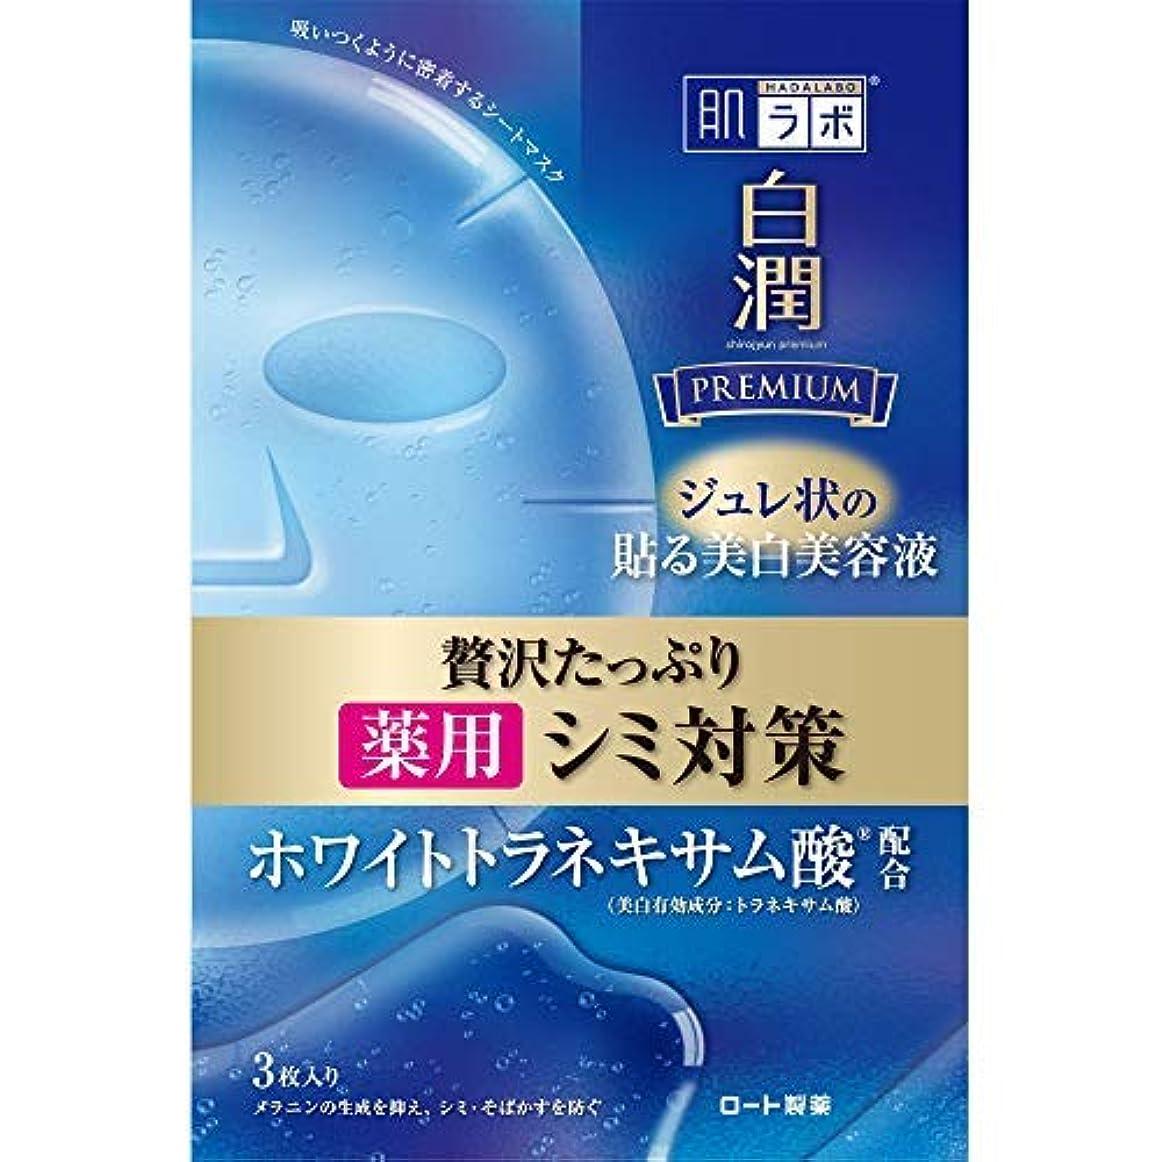 評価可能金額和らげる肌ラボ 白潤プレミアム 薬用浸透美白ジュレマスク × 10個セット